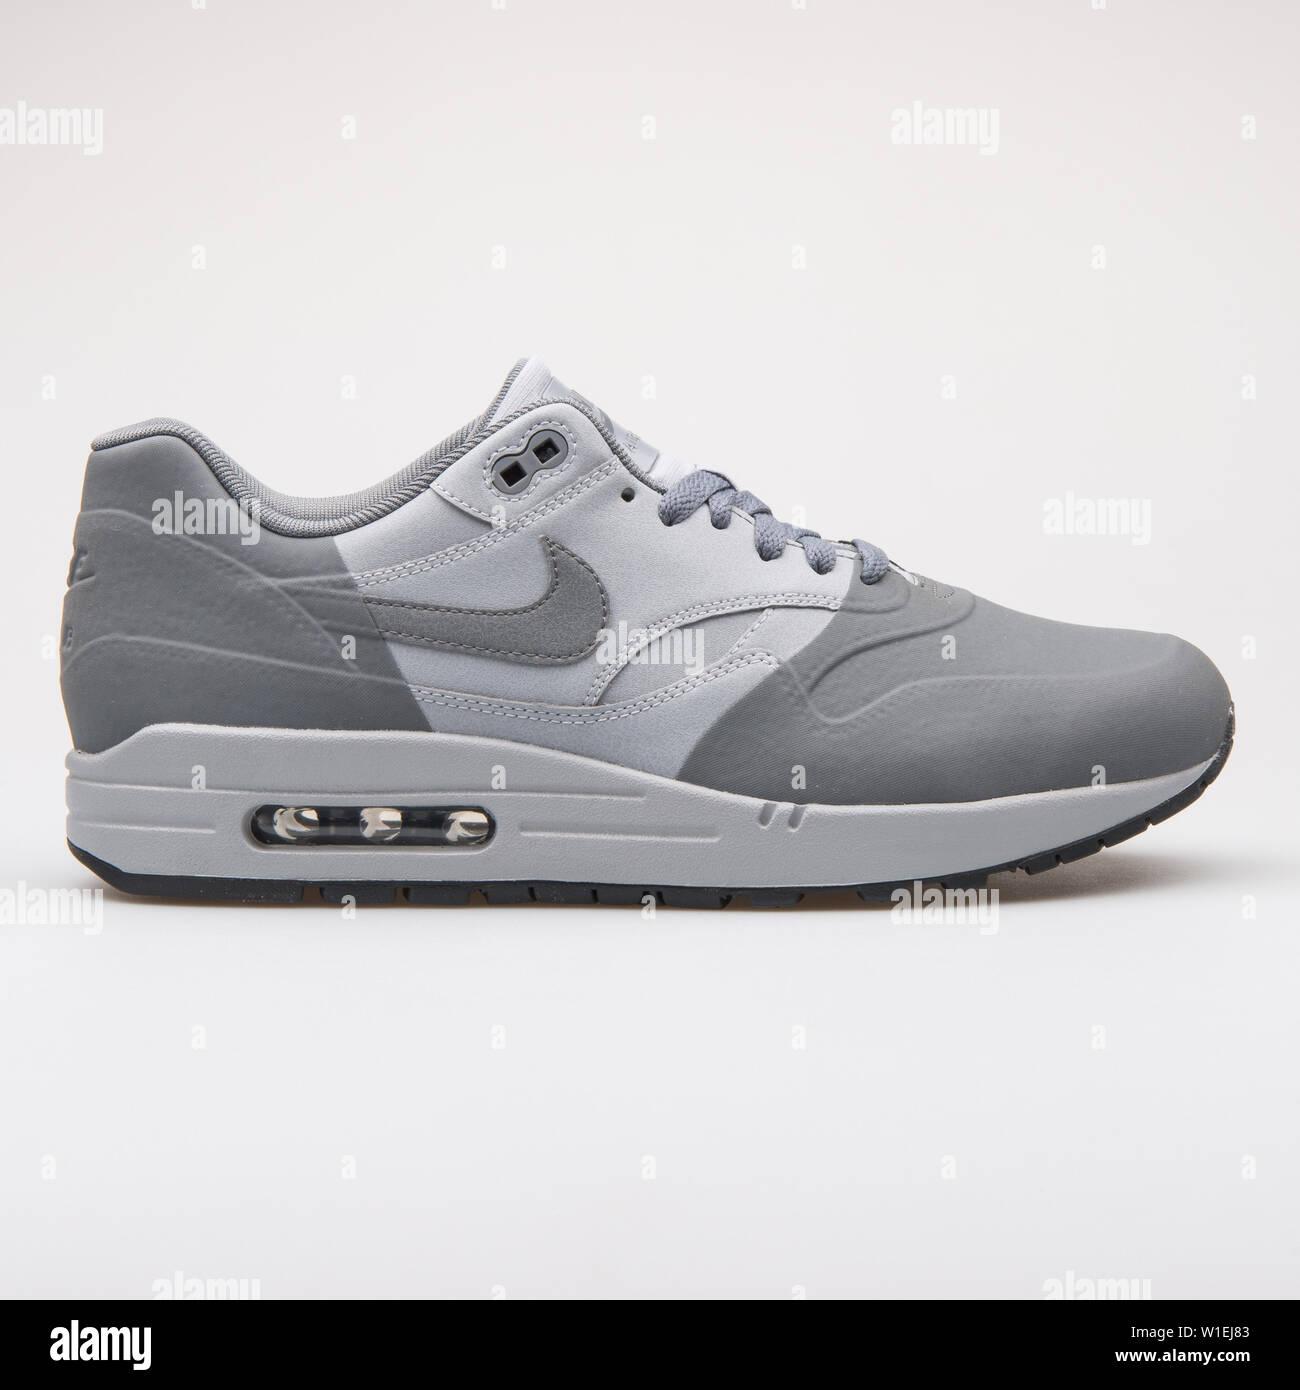 new style d2f22 61e86 VIENNA, AUSTRIA - AUGUST 23, 2017: Nike Air Max 1 Premium SE ...